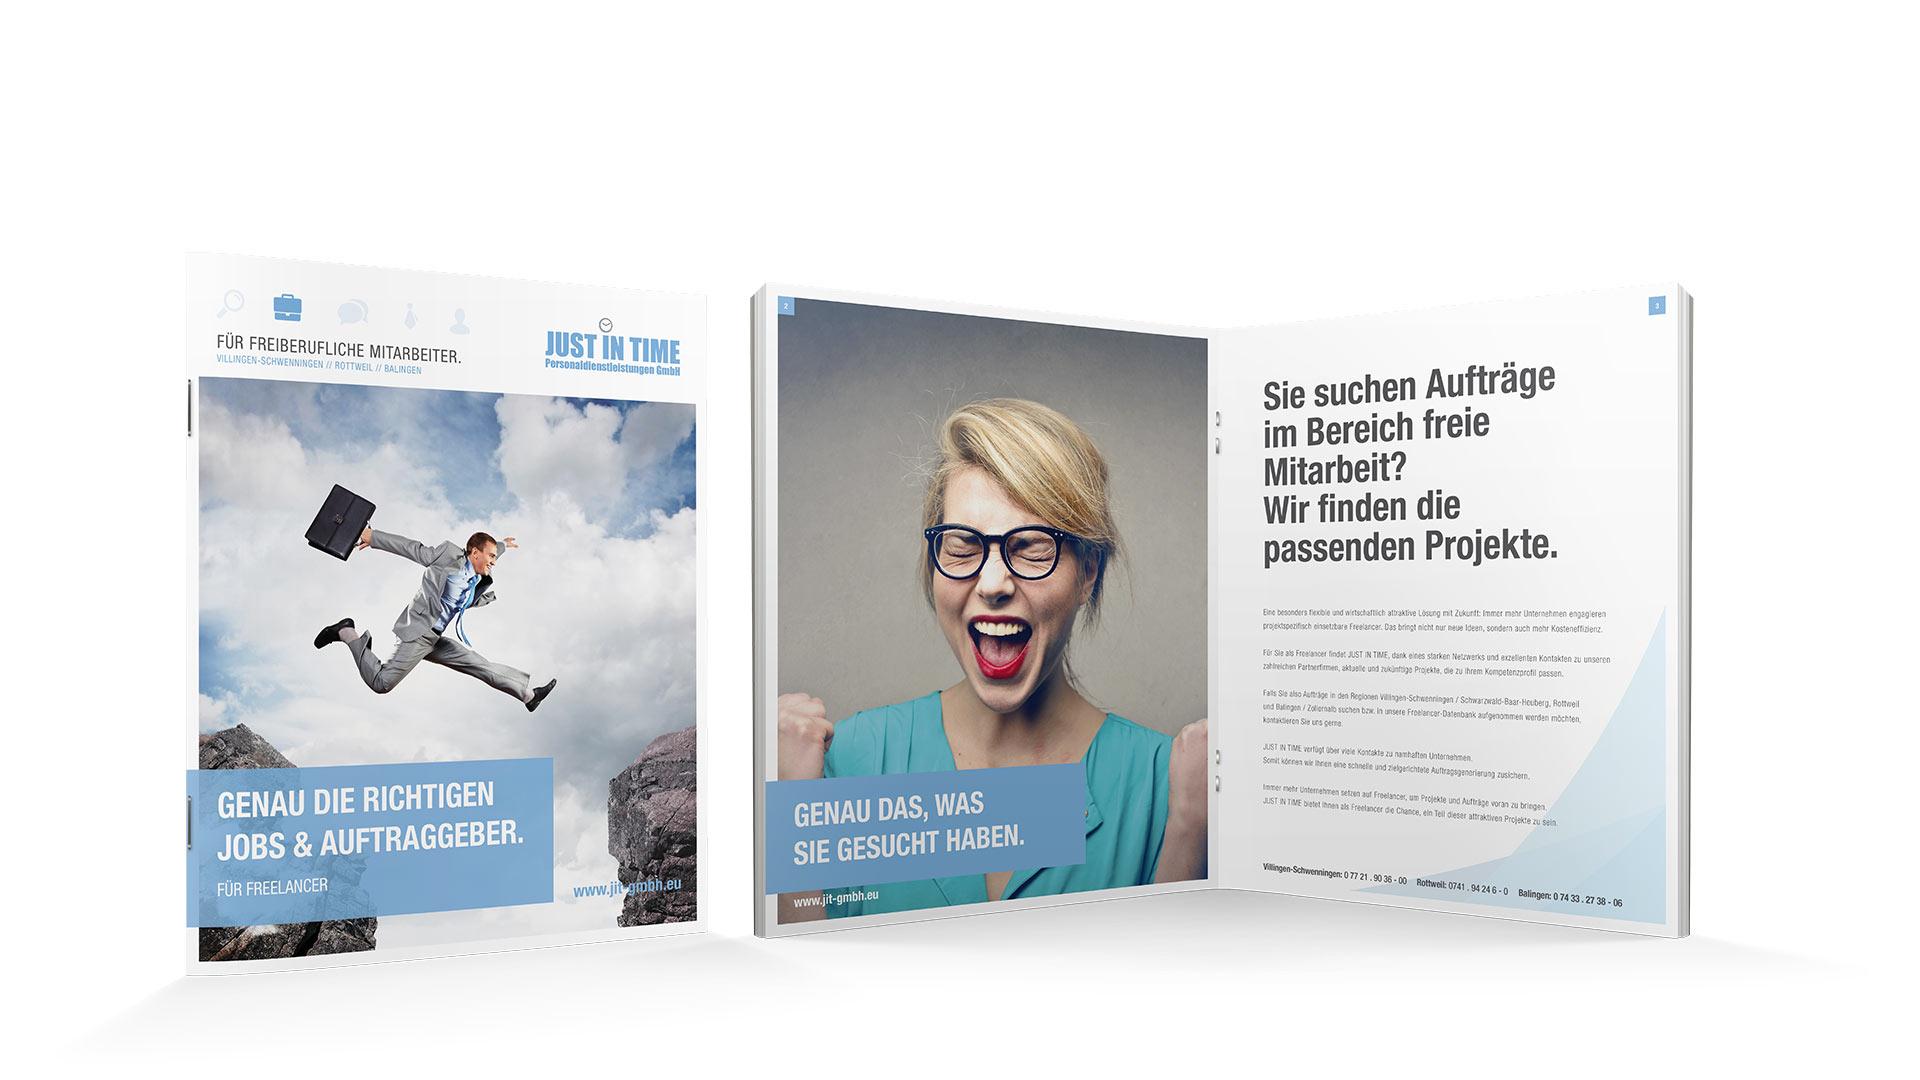 Just In Time – Personaldienst-leistungen GmbH